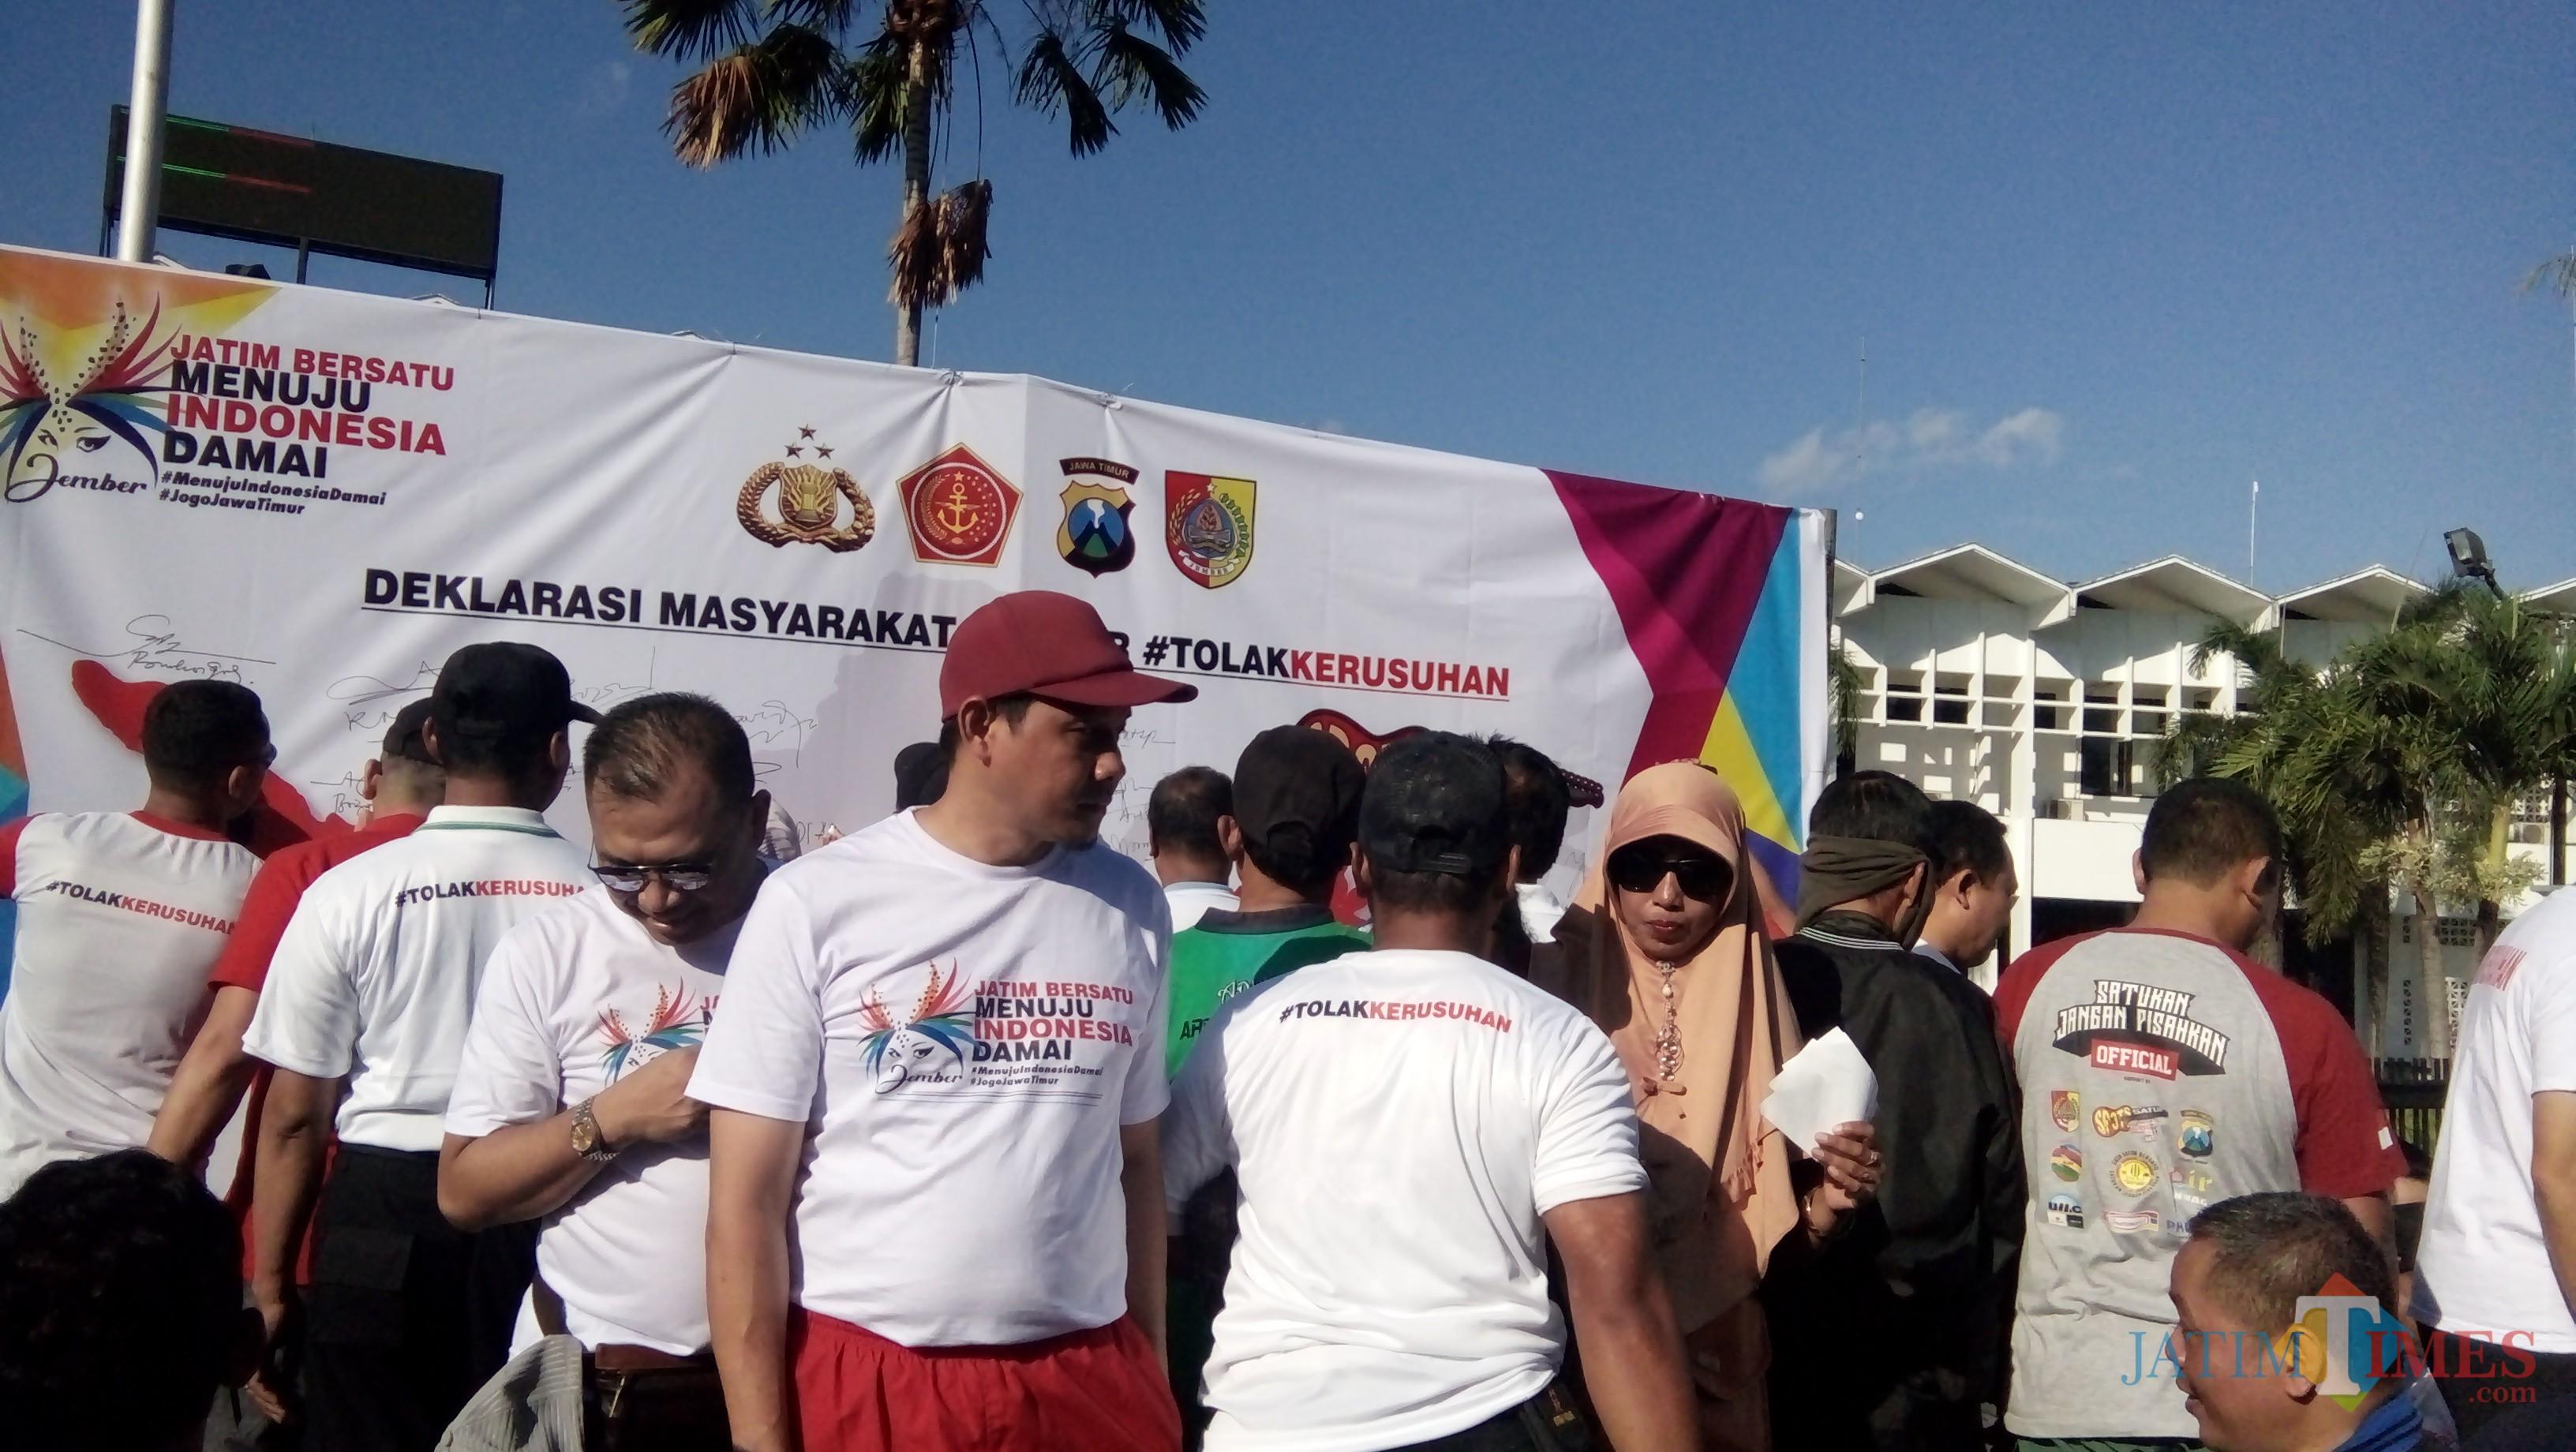 Beberapa warga saat bergantian membubuhkan tanda tangan di banner deklarasi masyarakat Jember tolak kerusuhan. (foto : Moh. Ali Makrus / Jatim TIMES)